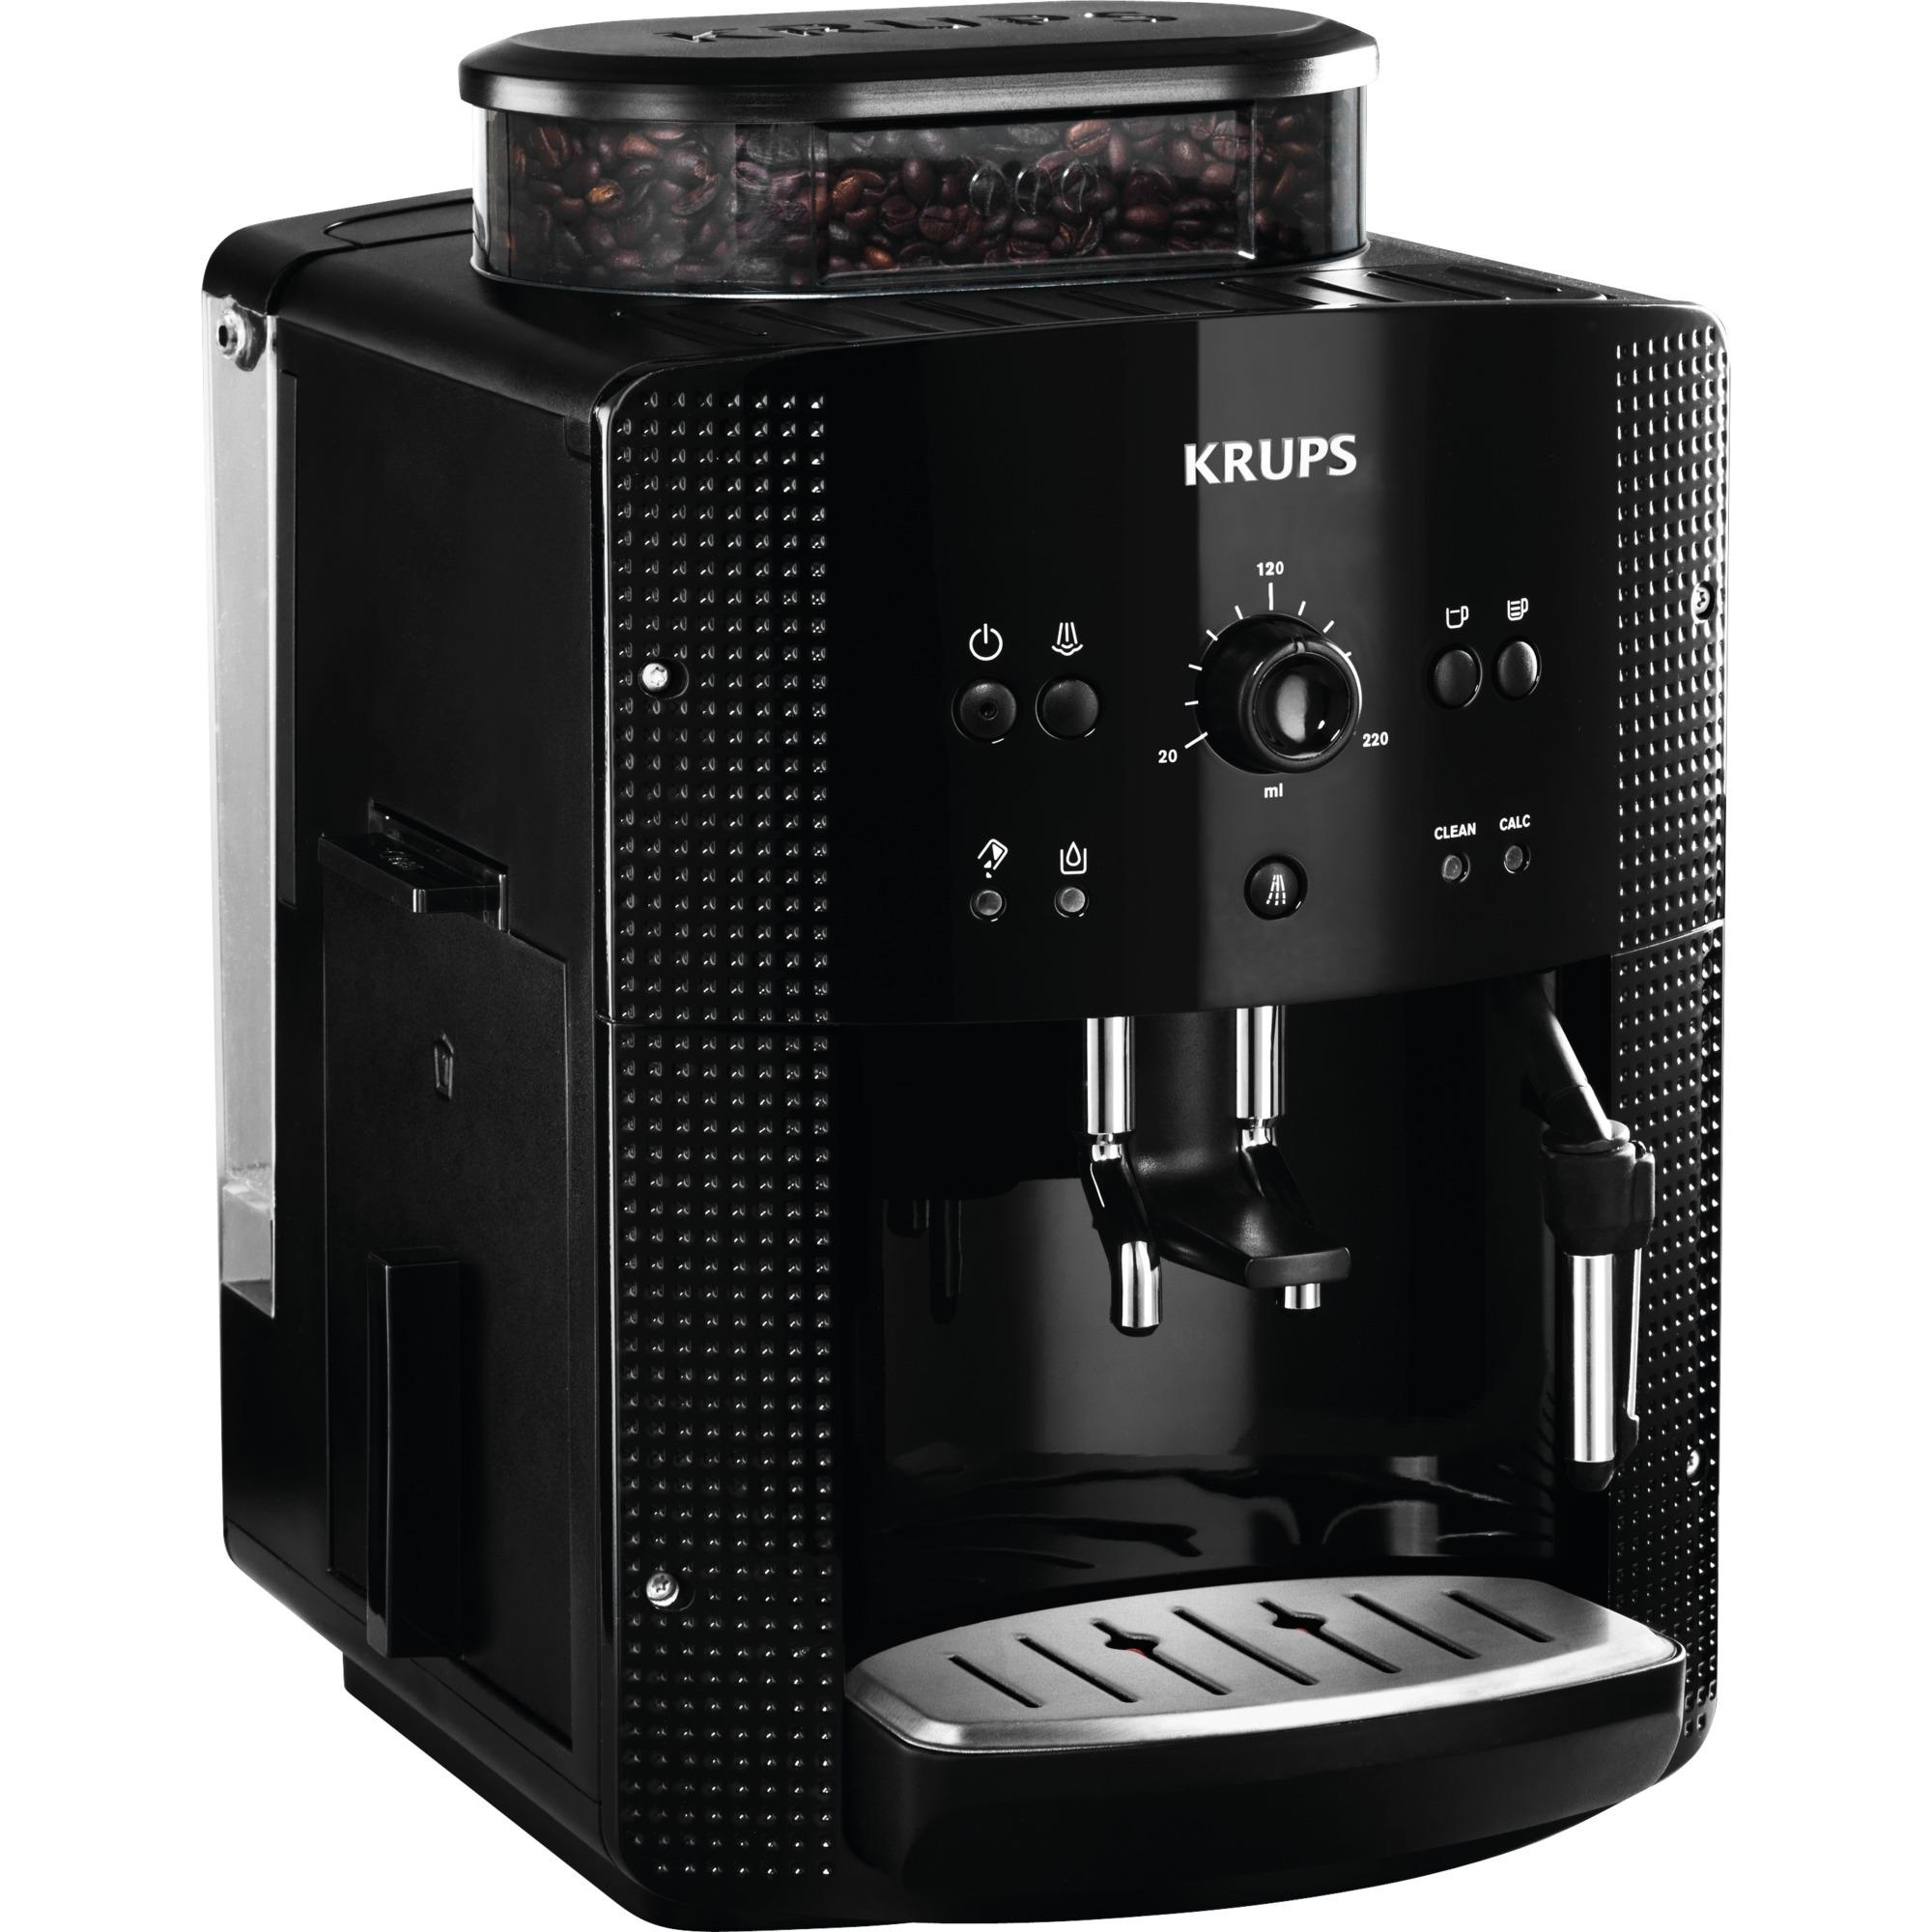 EA8108 Independiente Totalmente automática Máquina espresso 1.8L Negro cafetera eléctrica, Superautomática